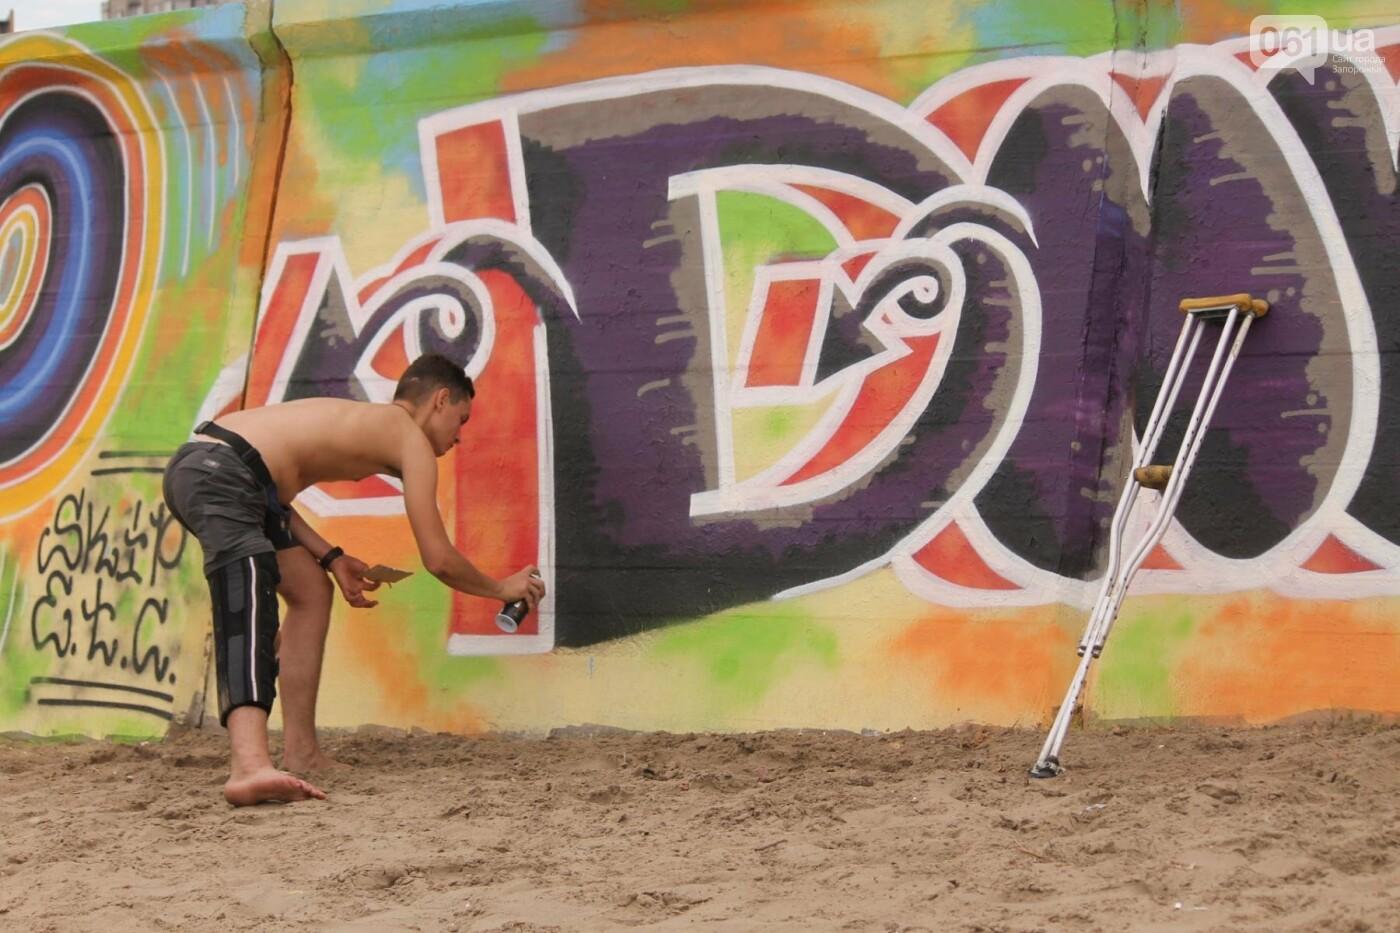 В Запорожье на пляже закончился фестиваль граффити: разрисовали 150 метров бетонной стены, – ФОТОРЕПОРТАЖ, фото-13